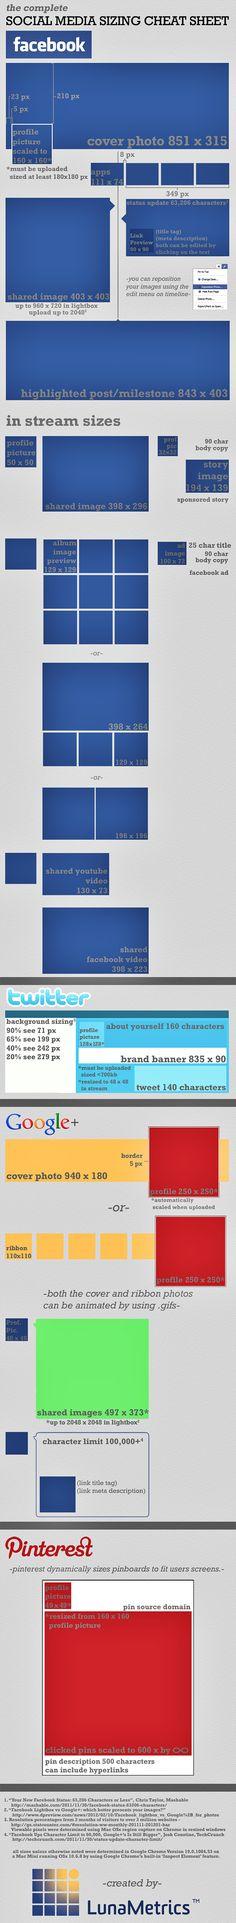 Tamanho de imagens para as principais redes sociais